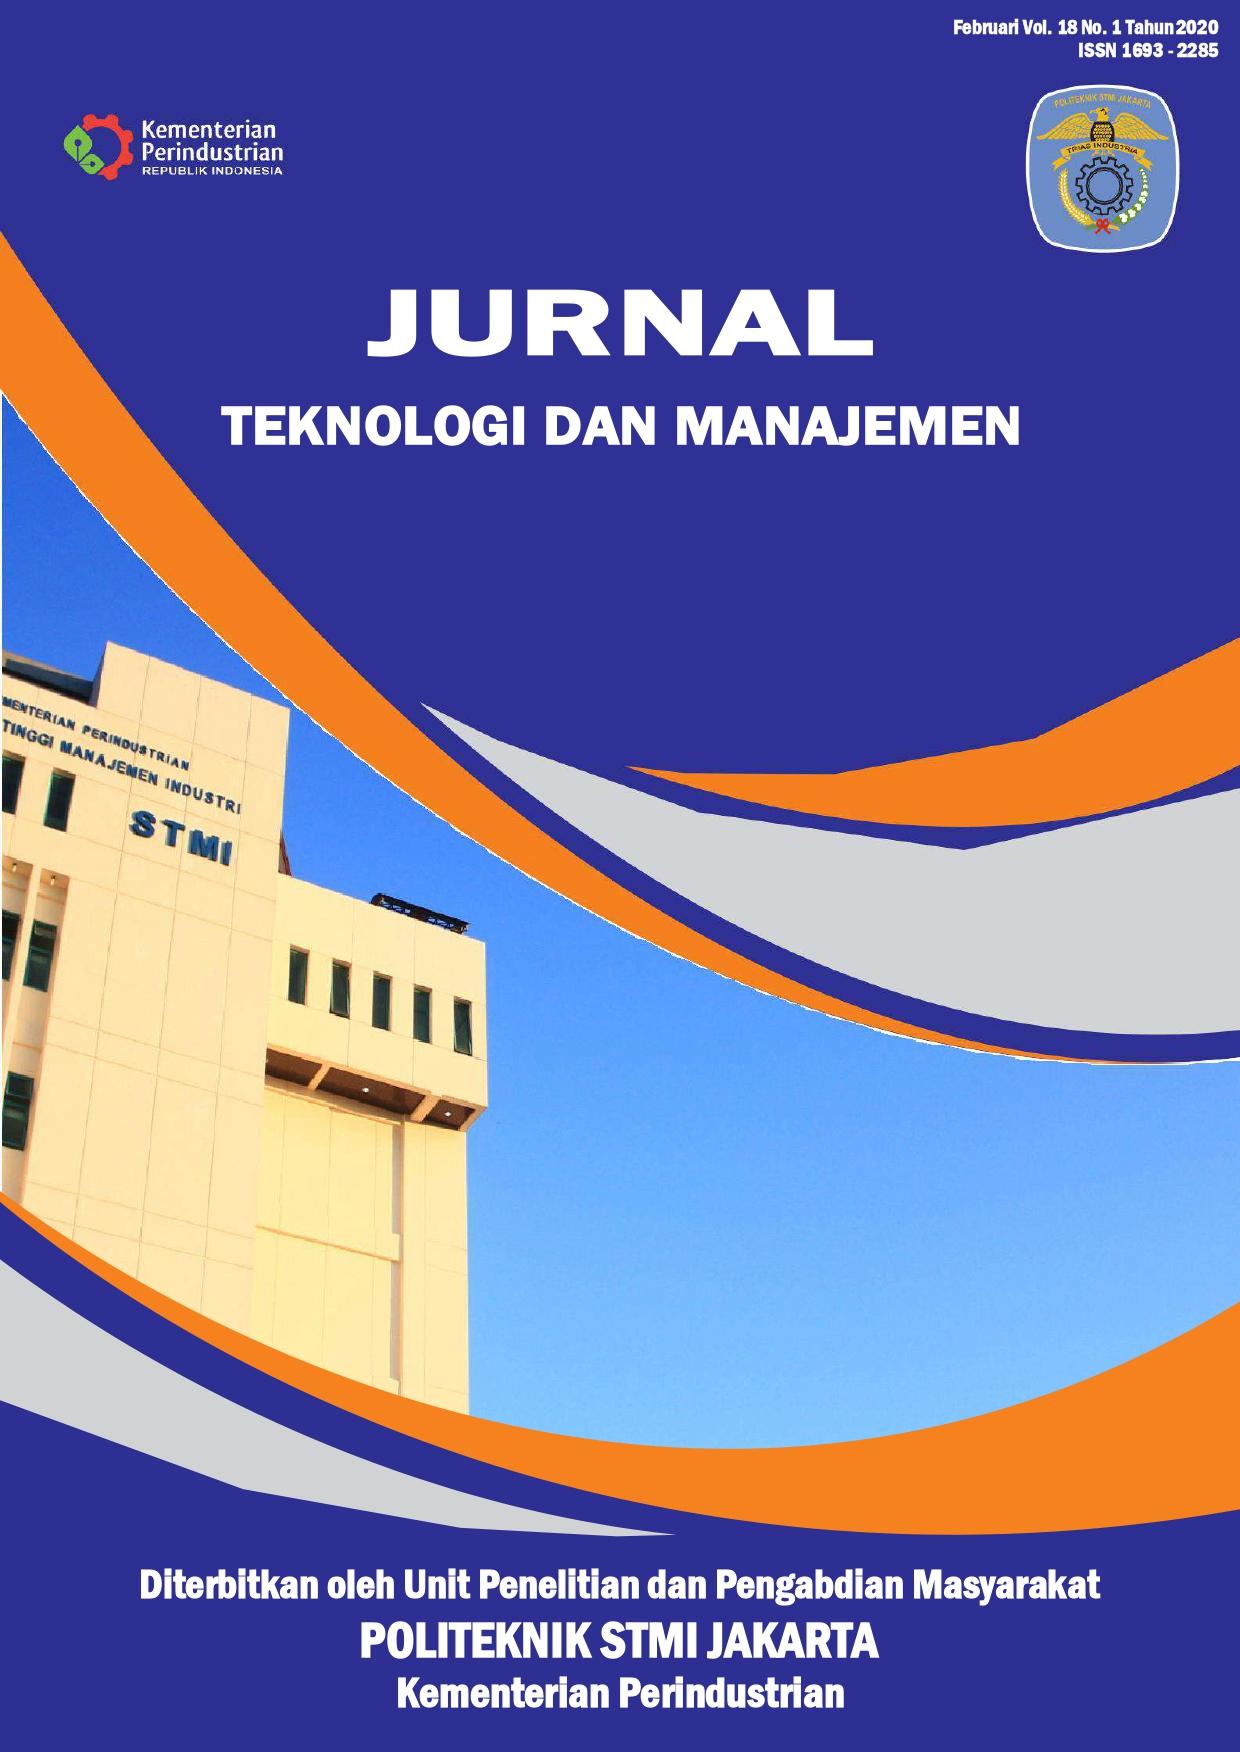 Jurnal Teknologi dan Manajemen Volume 18 No 1 Februari 2020